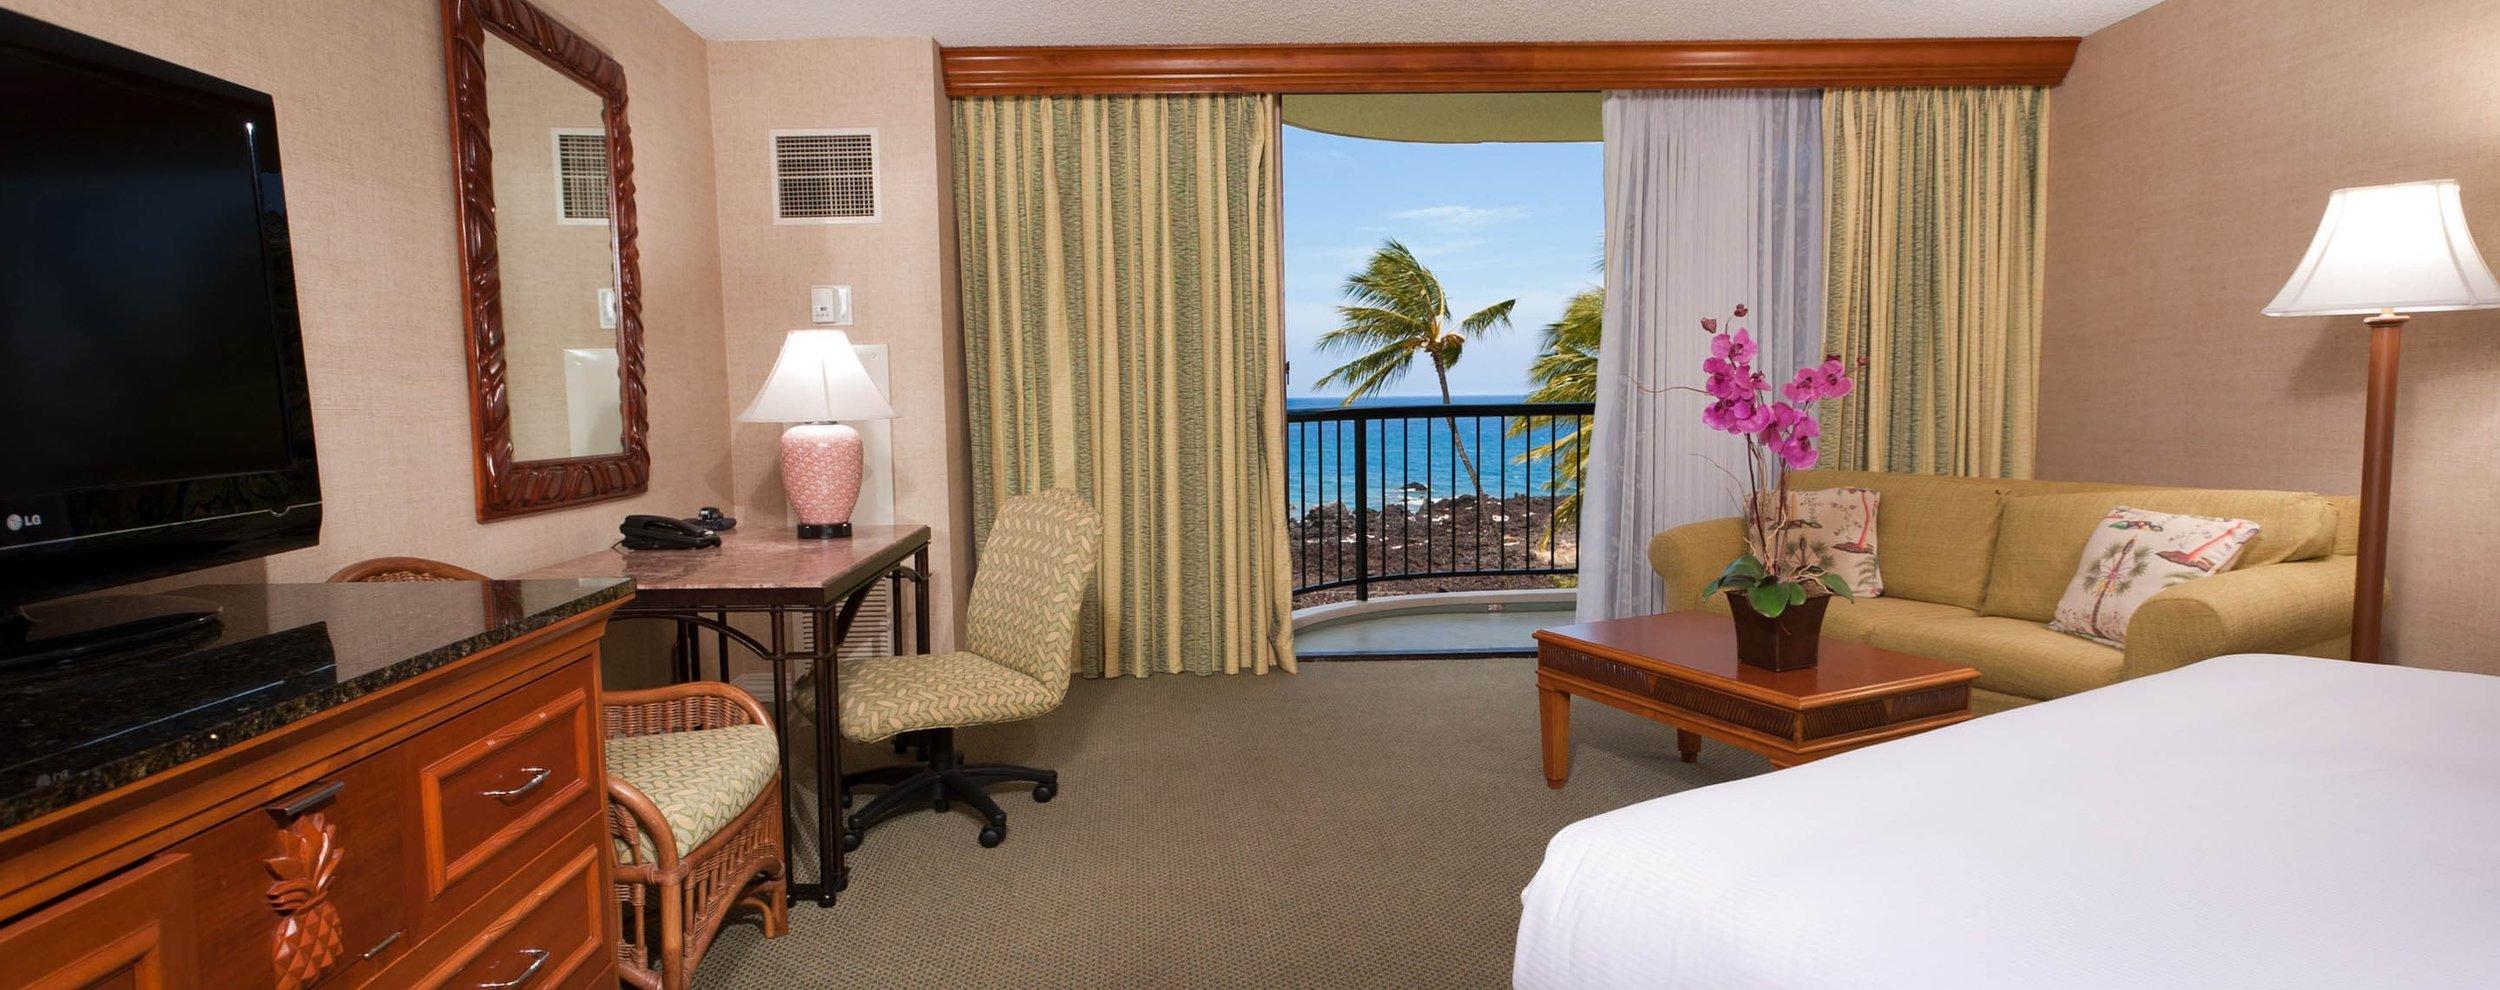 Hilton_Waikoloa02.jpg